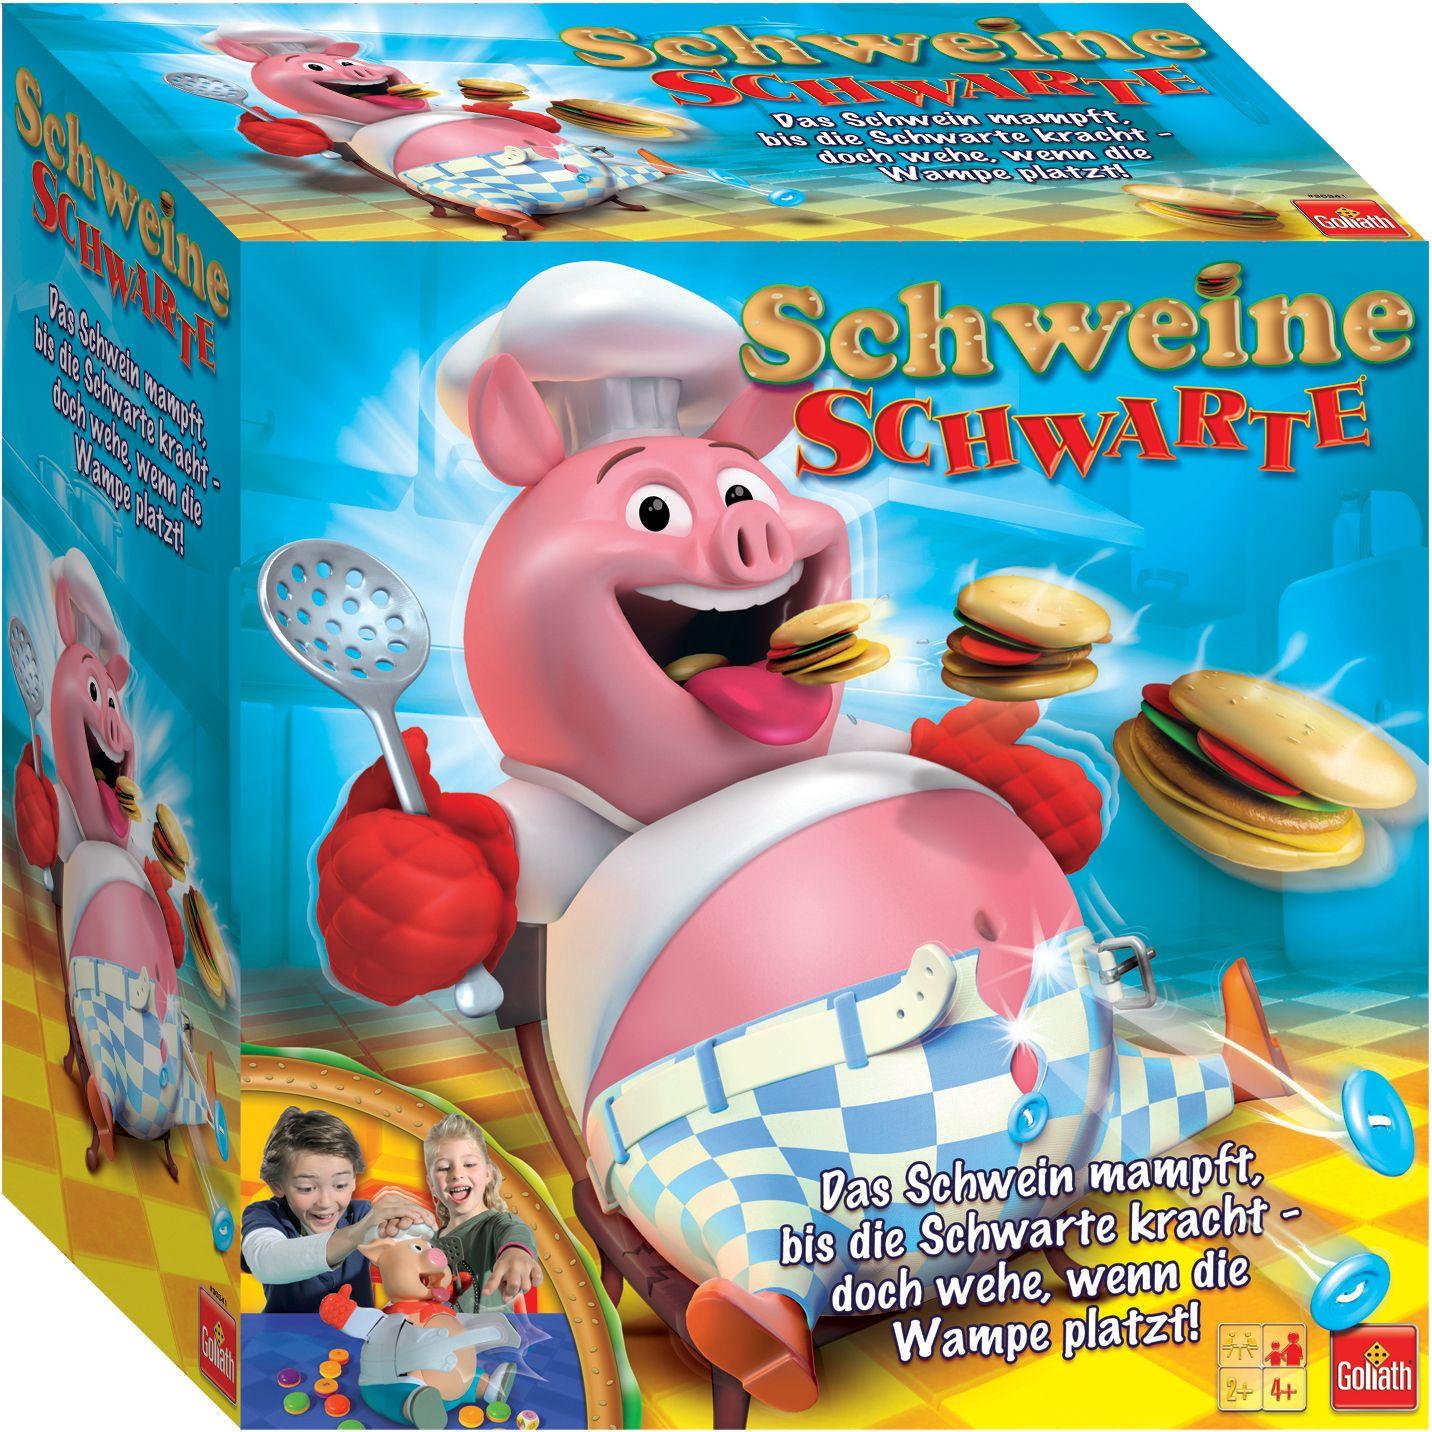 GOLIATH Goliath Actionspiel, »Schweine Schwarte«